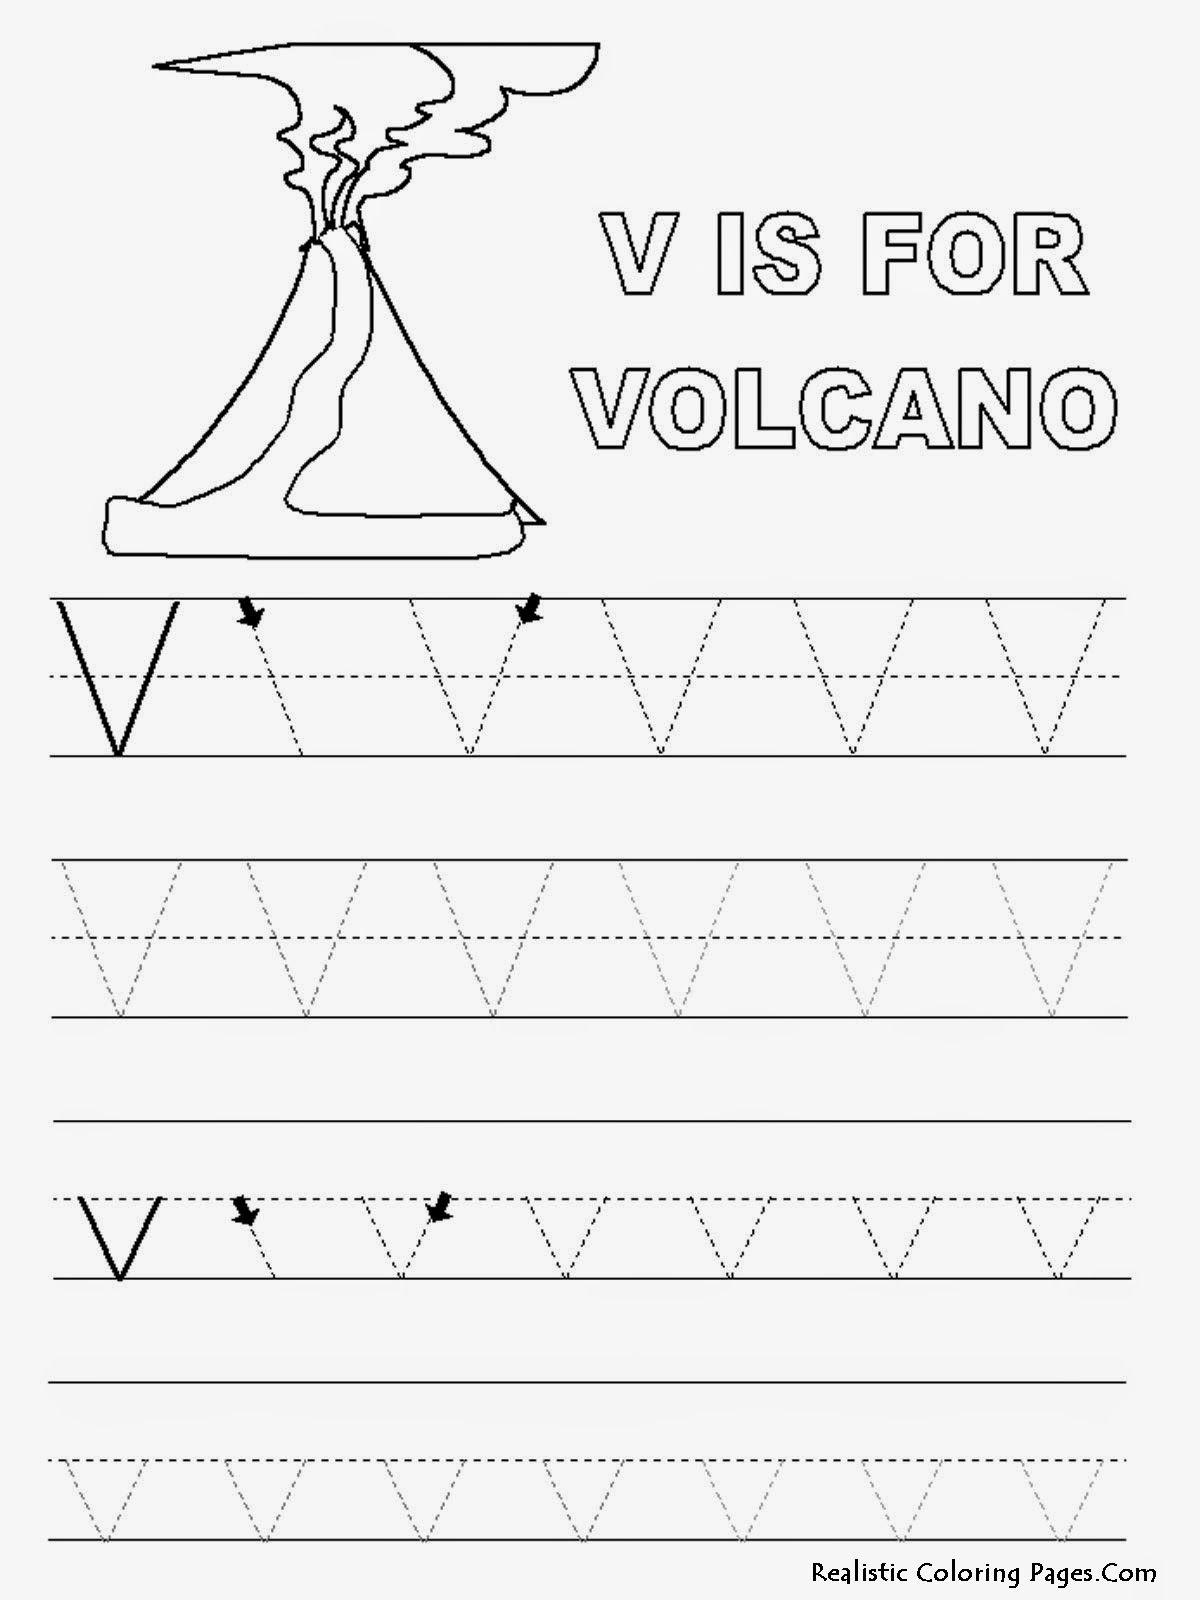 Alphabet-Tracer-Pages-V-Volcano (Jpeg Image, 1200 × 1600